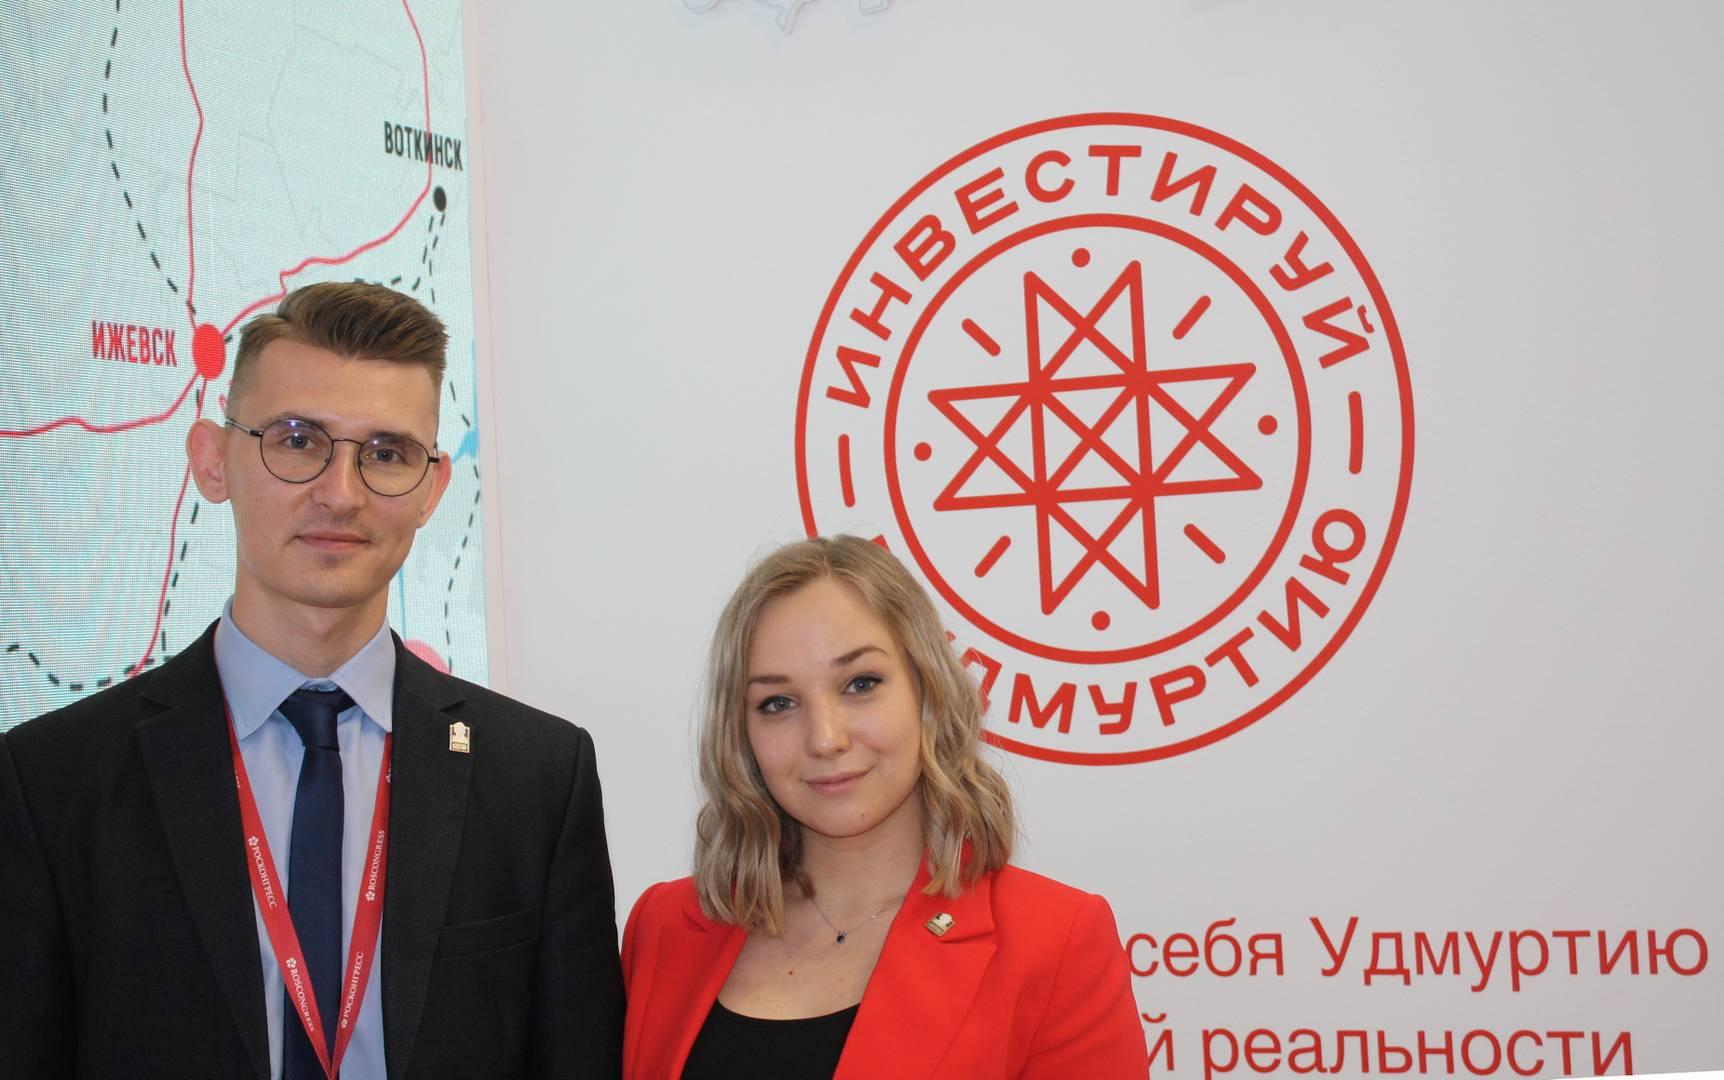 Менеджеры Никита Санников и Маргарита Крылова